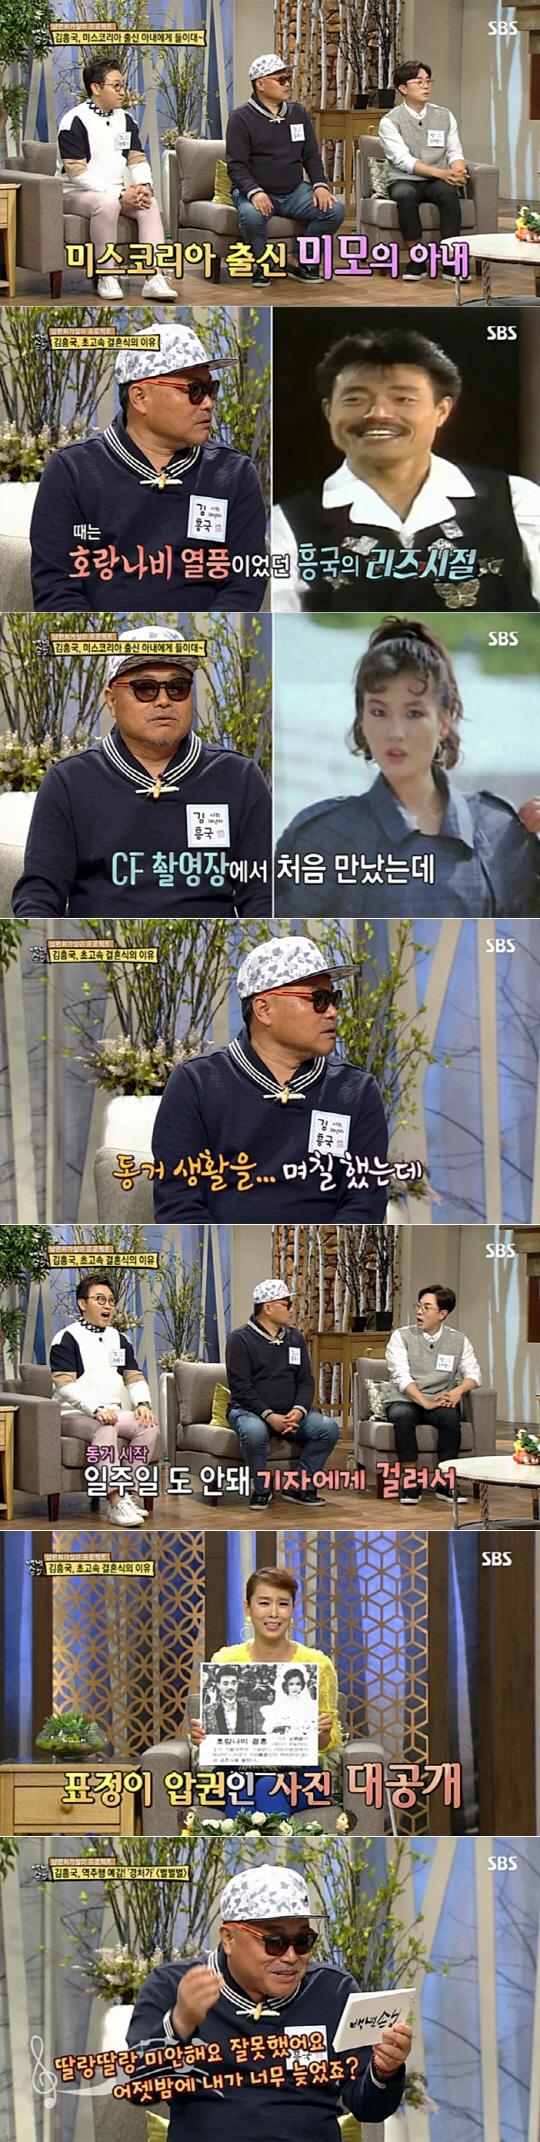 '예능 치트키' 김흥국 초스피드 결혼 , 최고 시청률 8.8%